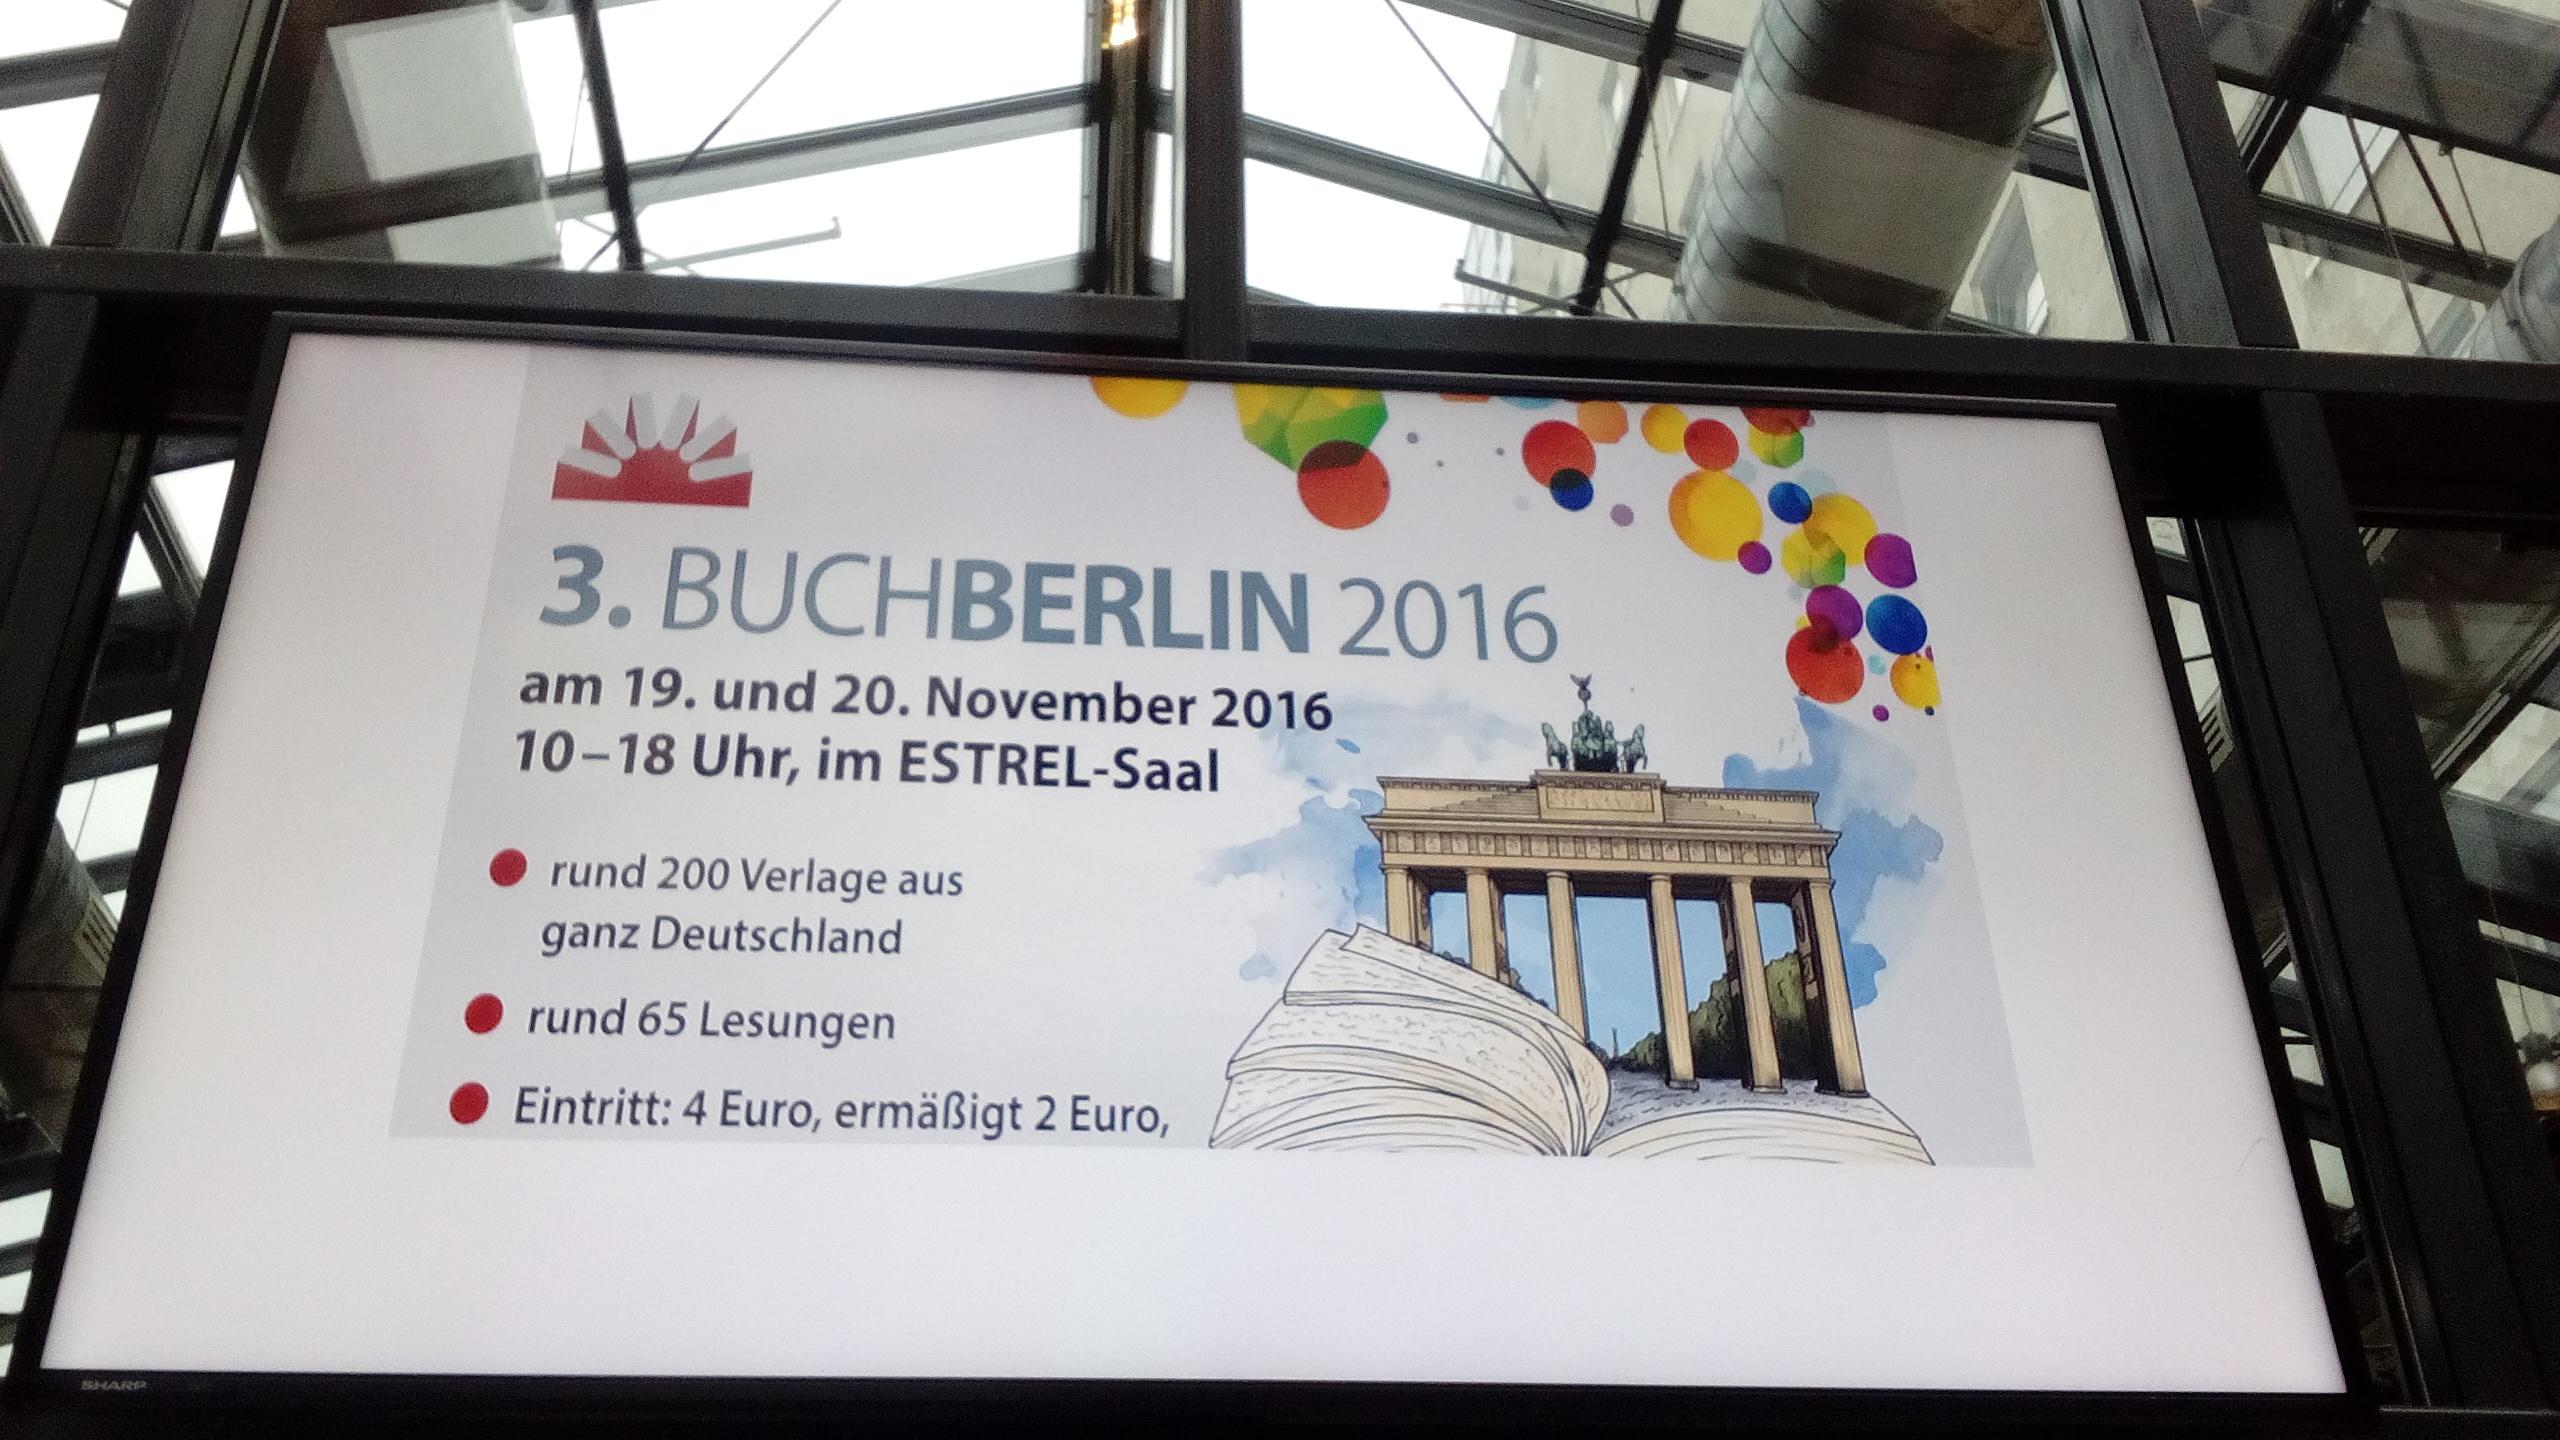 Hinter den Kulissen: BuchBerlin 2016